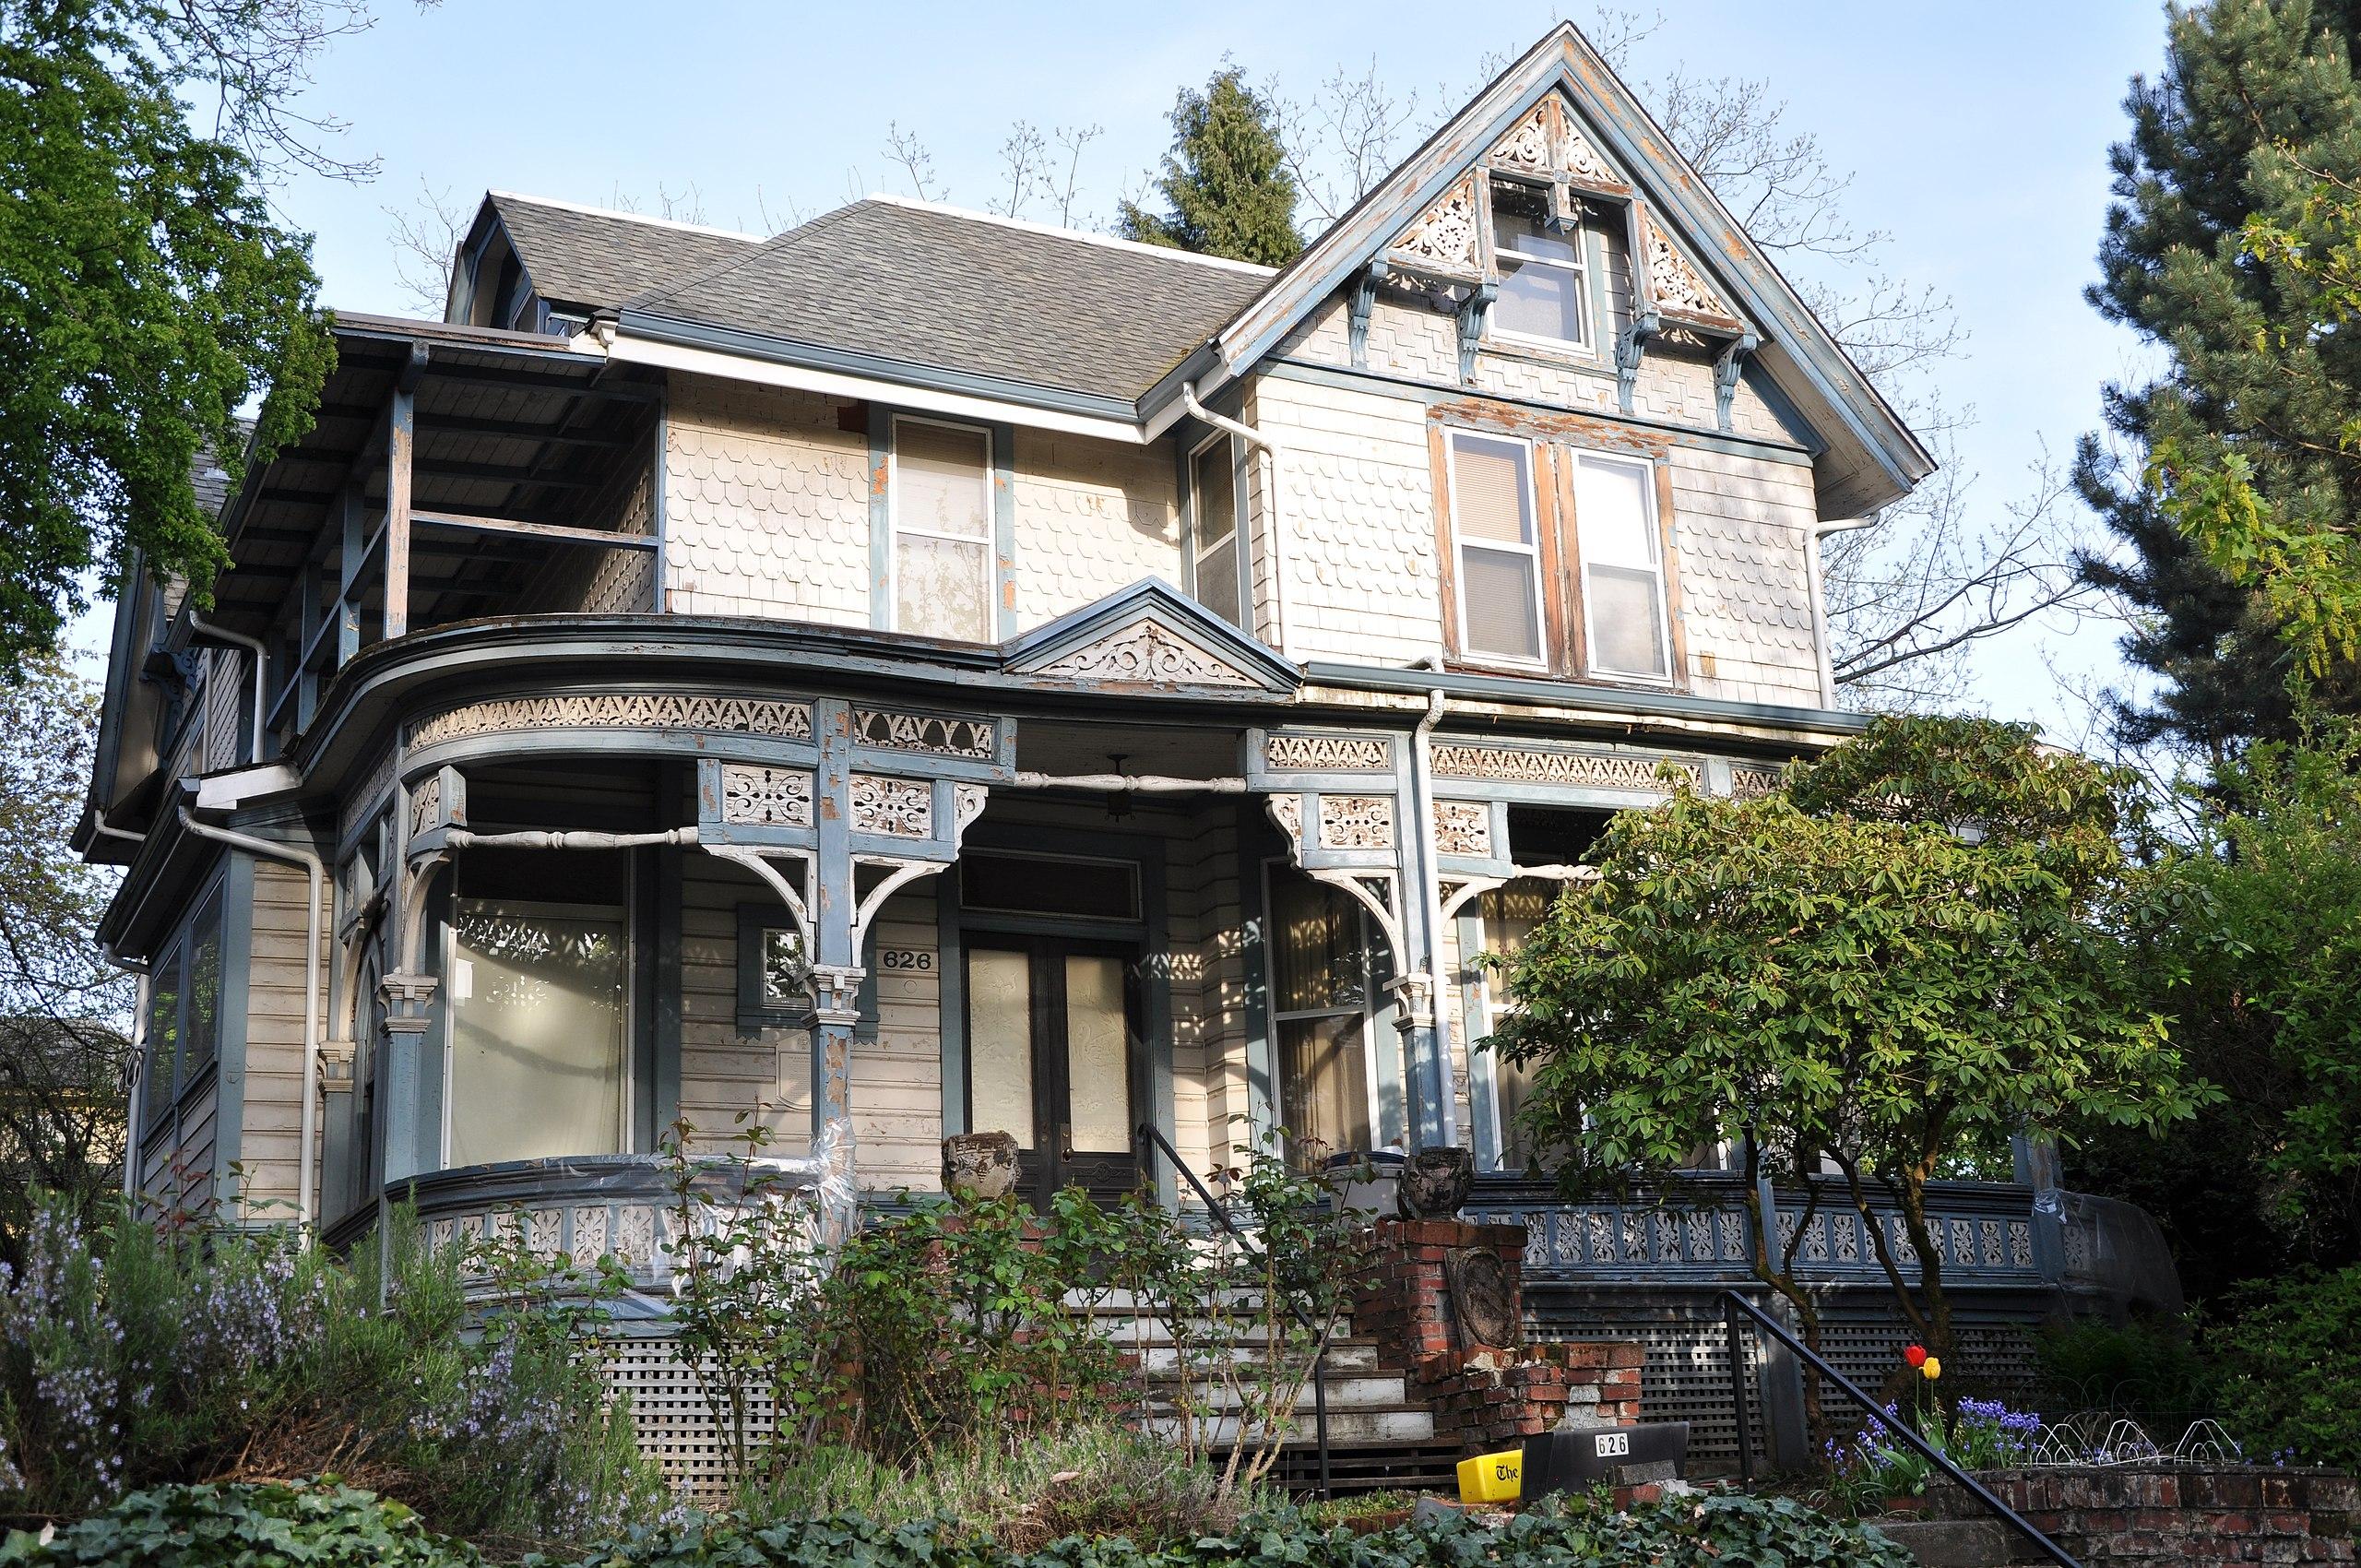 William D. Fenton House